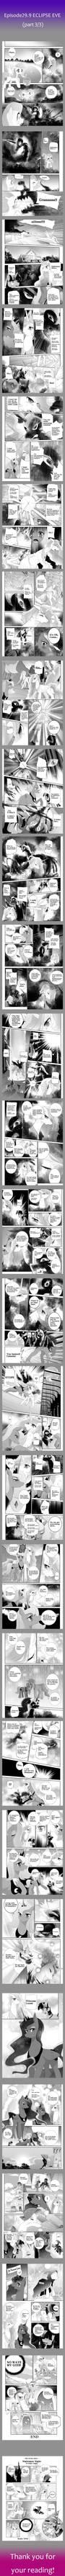 [Comic] Episode29.9 ECLIPSE EVE part3/3